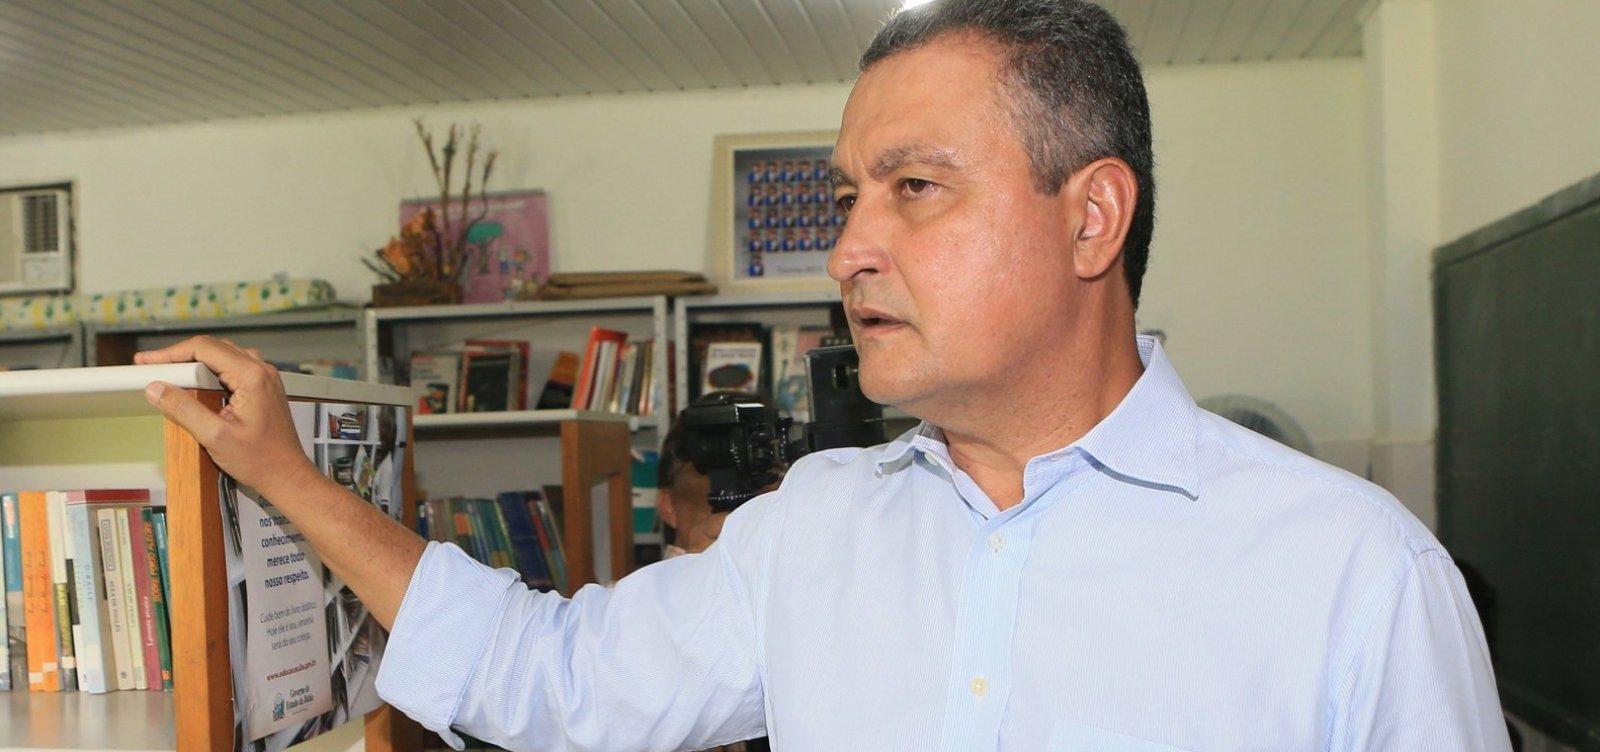 Rui retou! governador reclama de 'grupos de zap': 'Só notícia falsa'